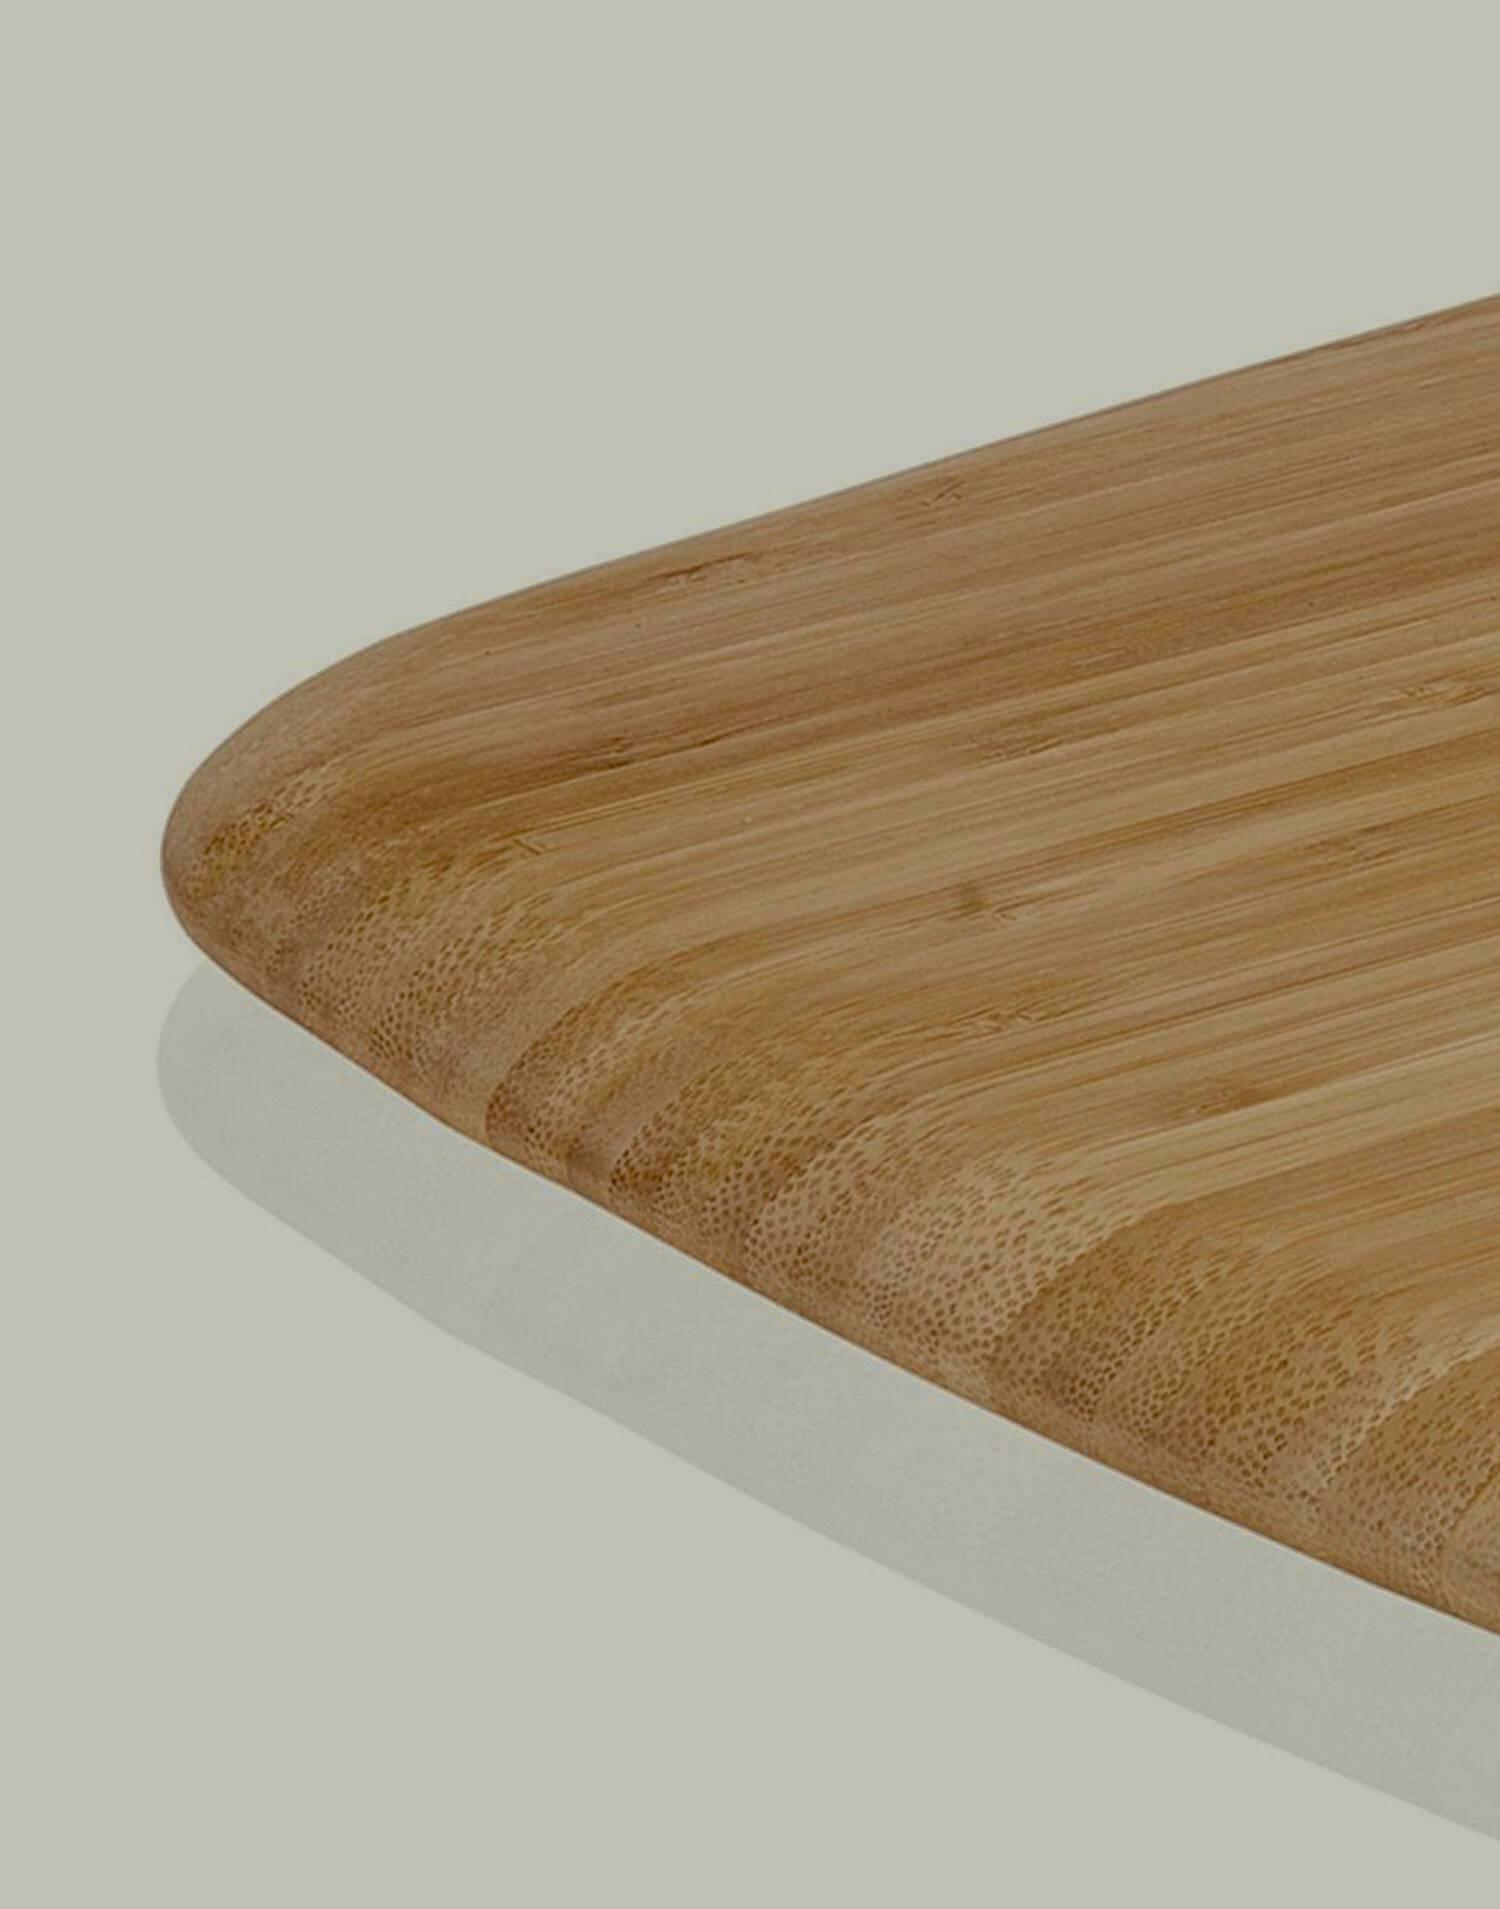 Tabla corte bambú 23 x 15 cm